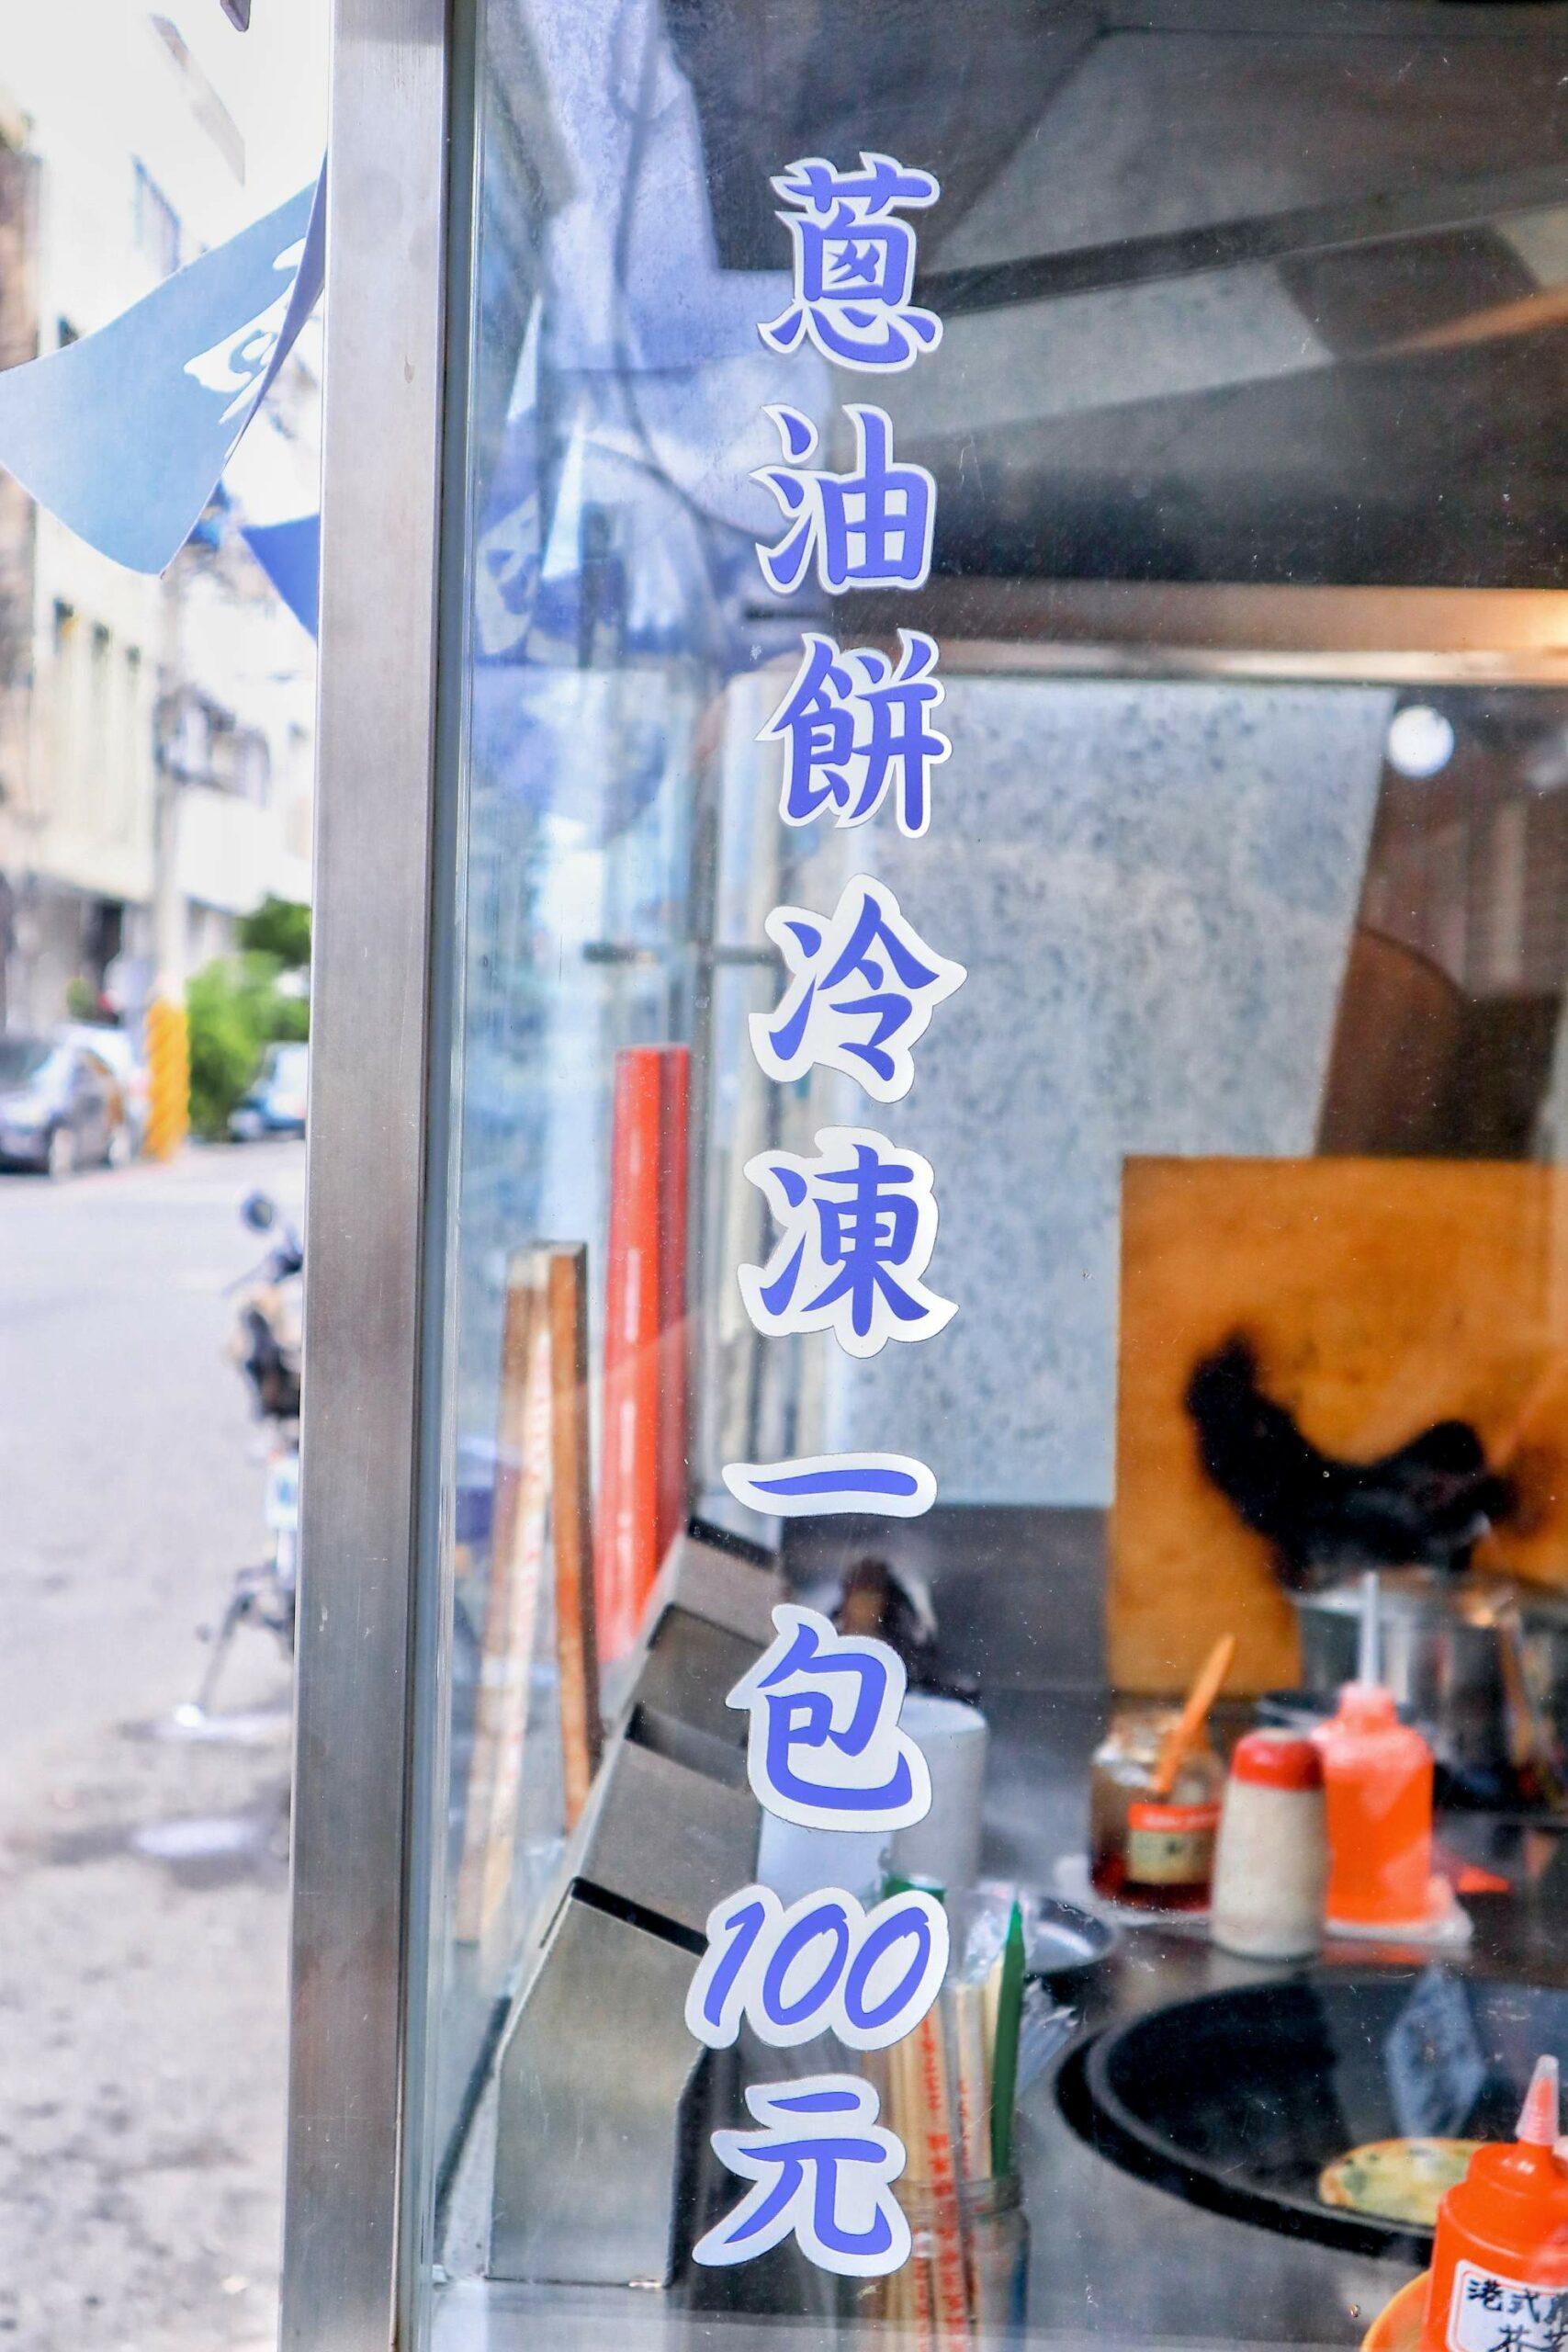 老江眷村蔥油餅:滿滿濃厚眷村味蔥油餅,好吃不油膩【花蓮美食】 @女子的休假計劃